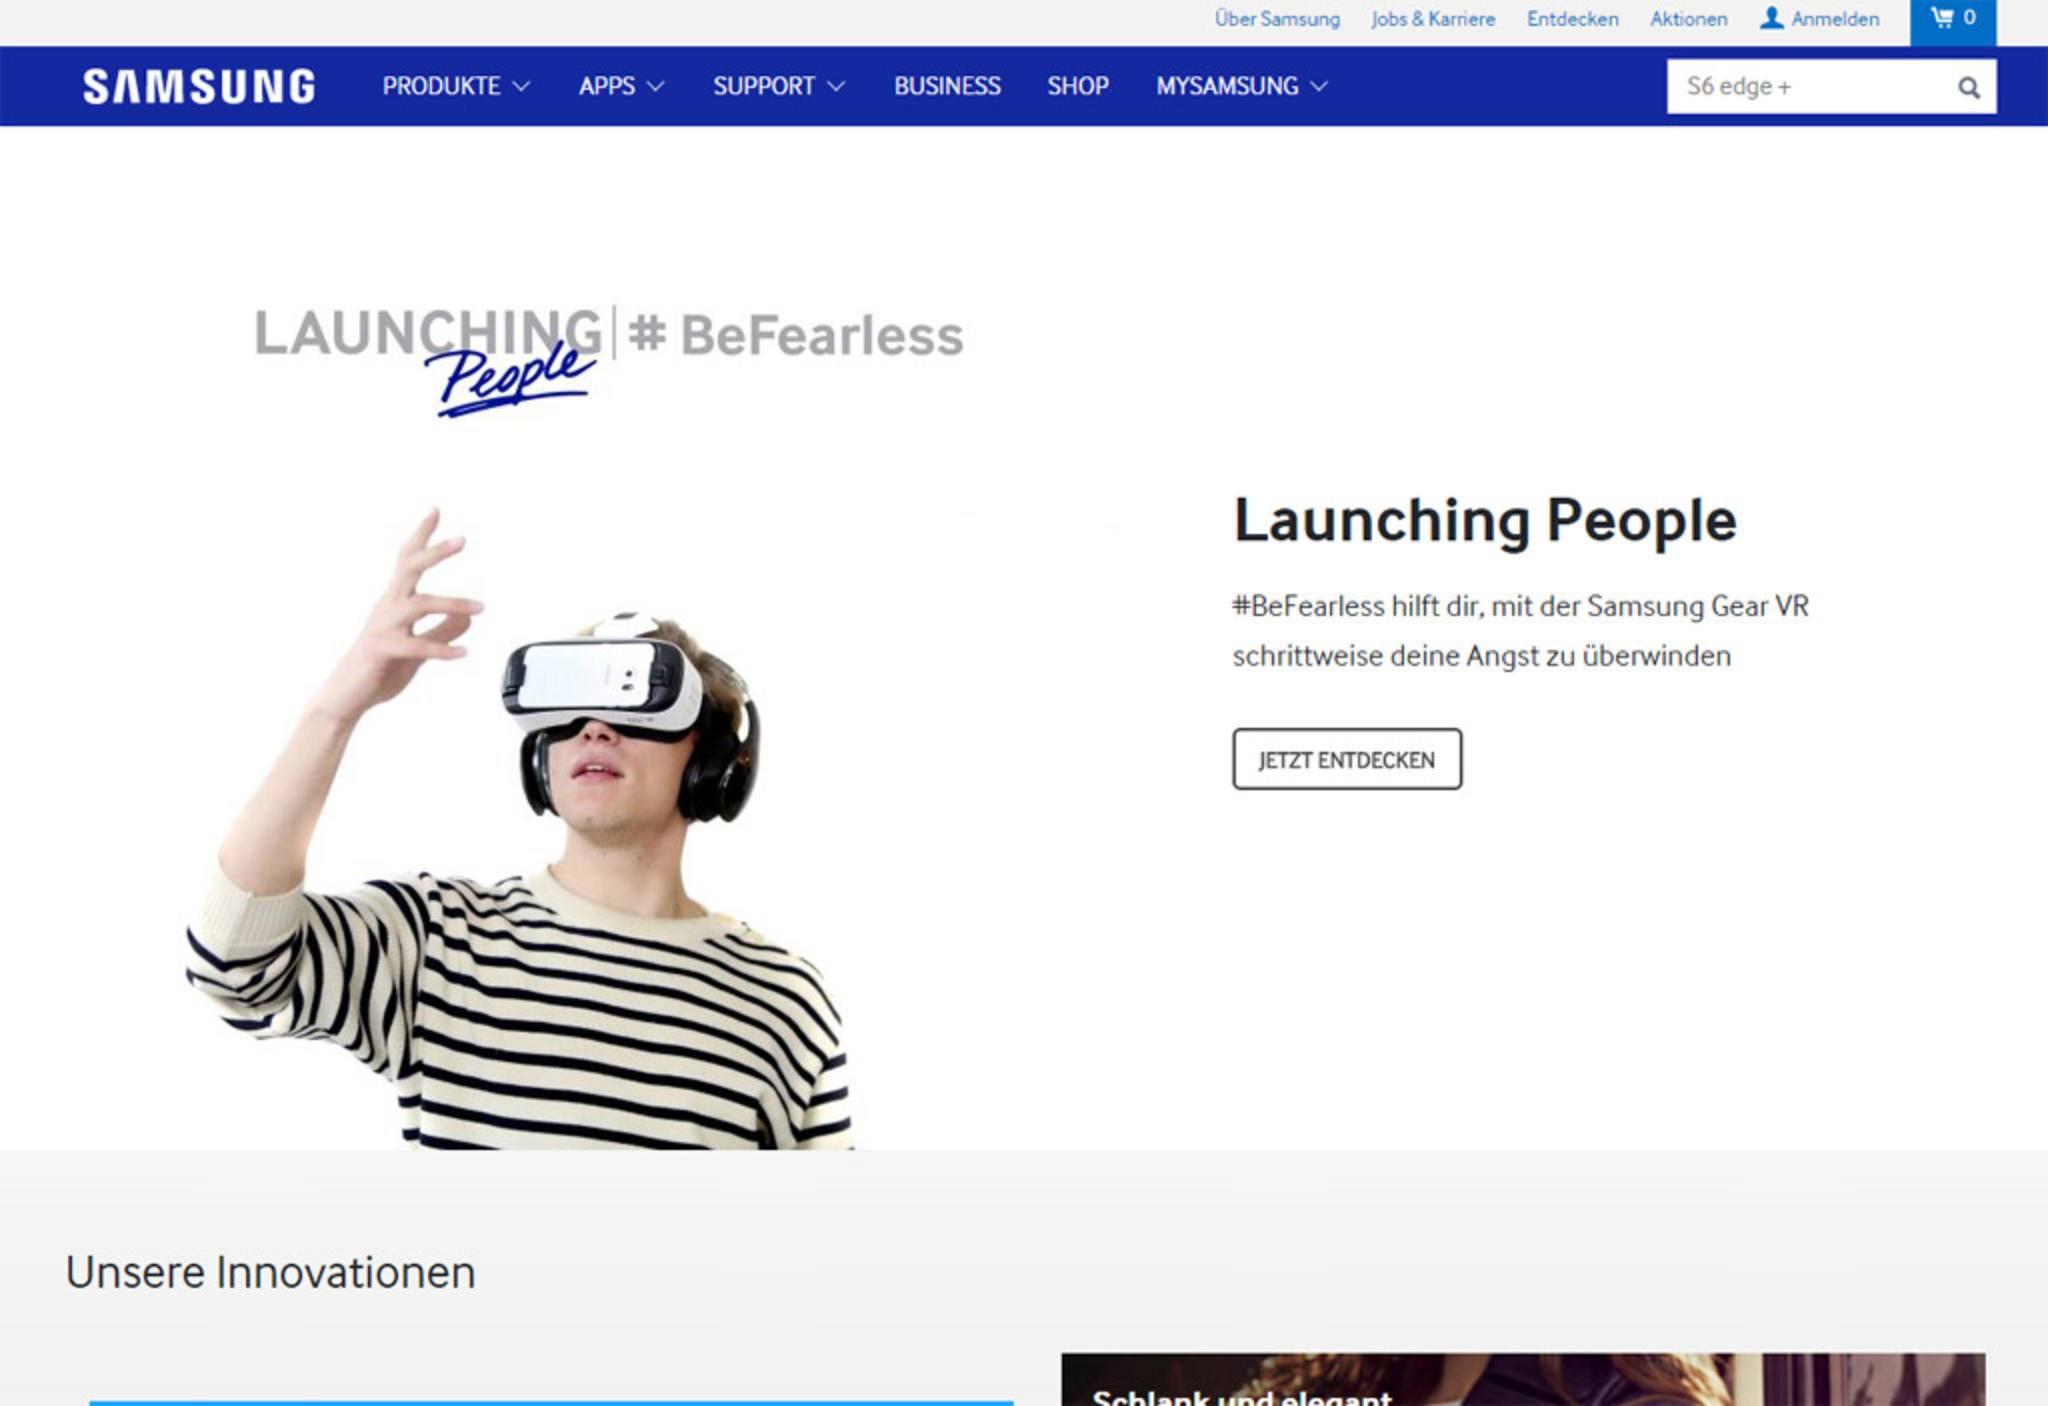 Heute sind die Südkoreaner deutlich stilsicherer und bieten eine aufgeräumte Webseite.